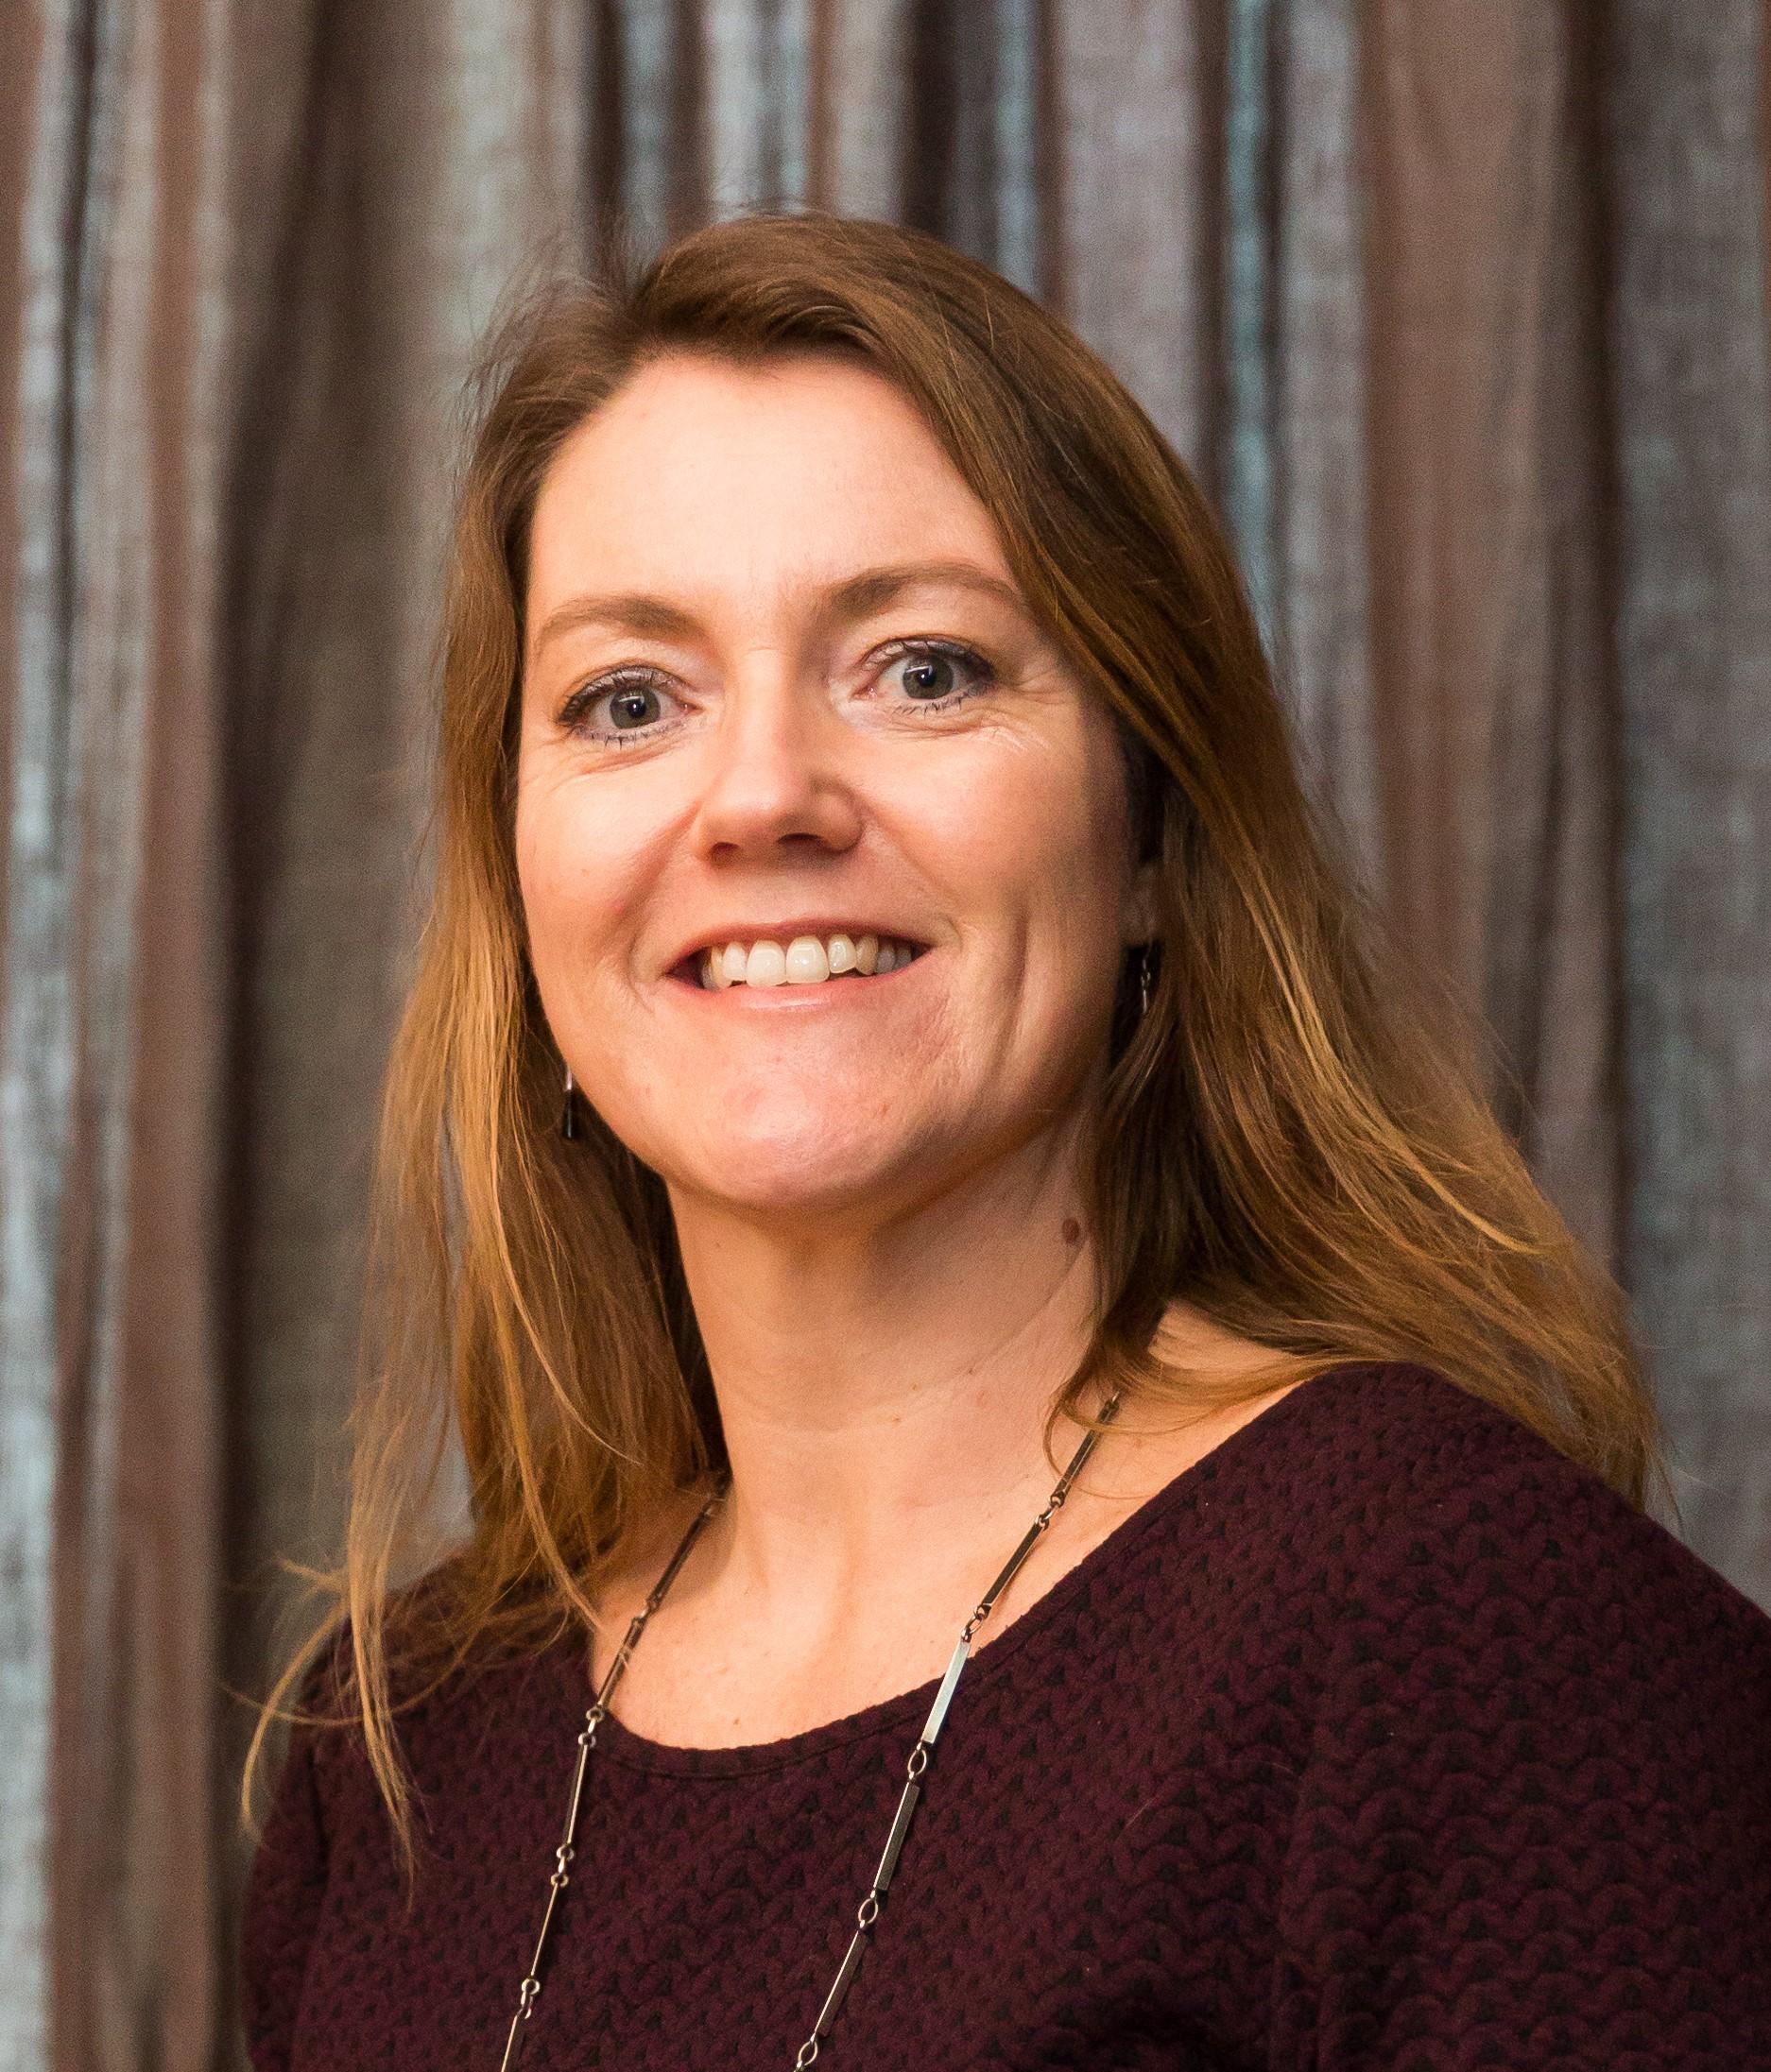 Miranda Boer